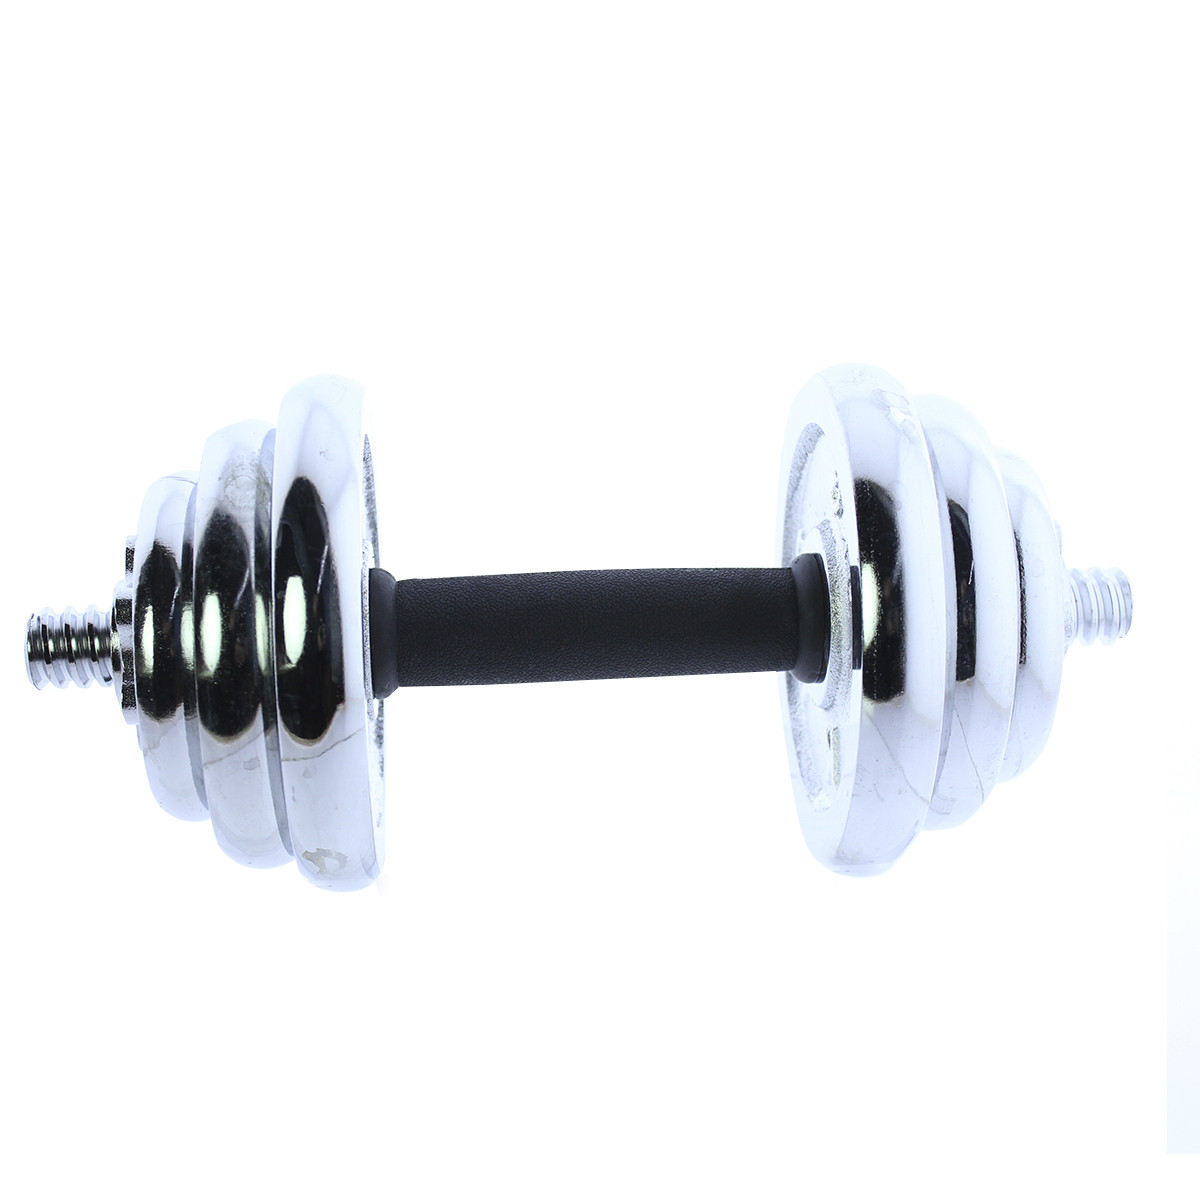 Set-de-mancuernas-ajustables-cromadas-10kg-15kg-20kg-Riscko miniatura 13